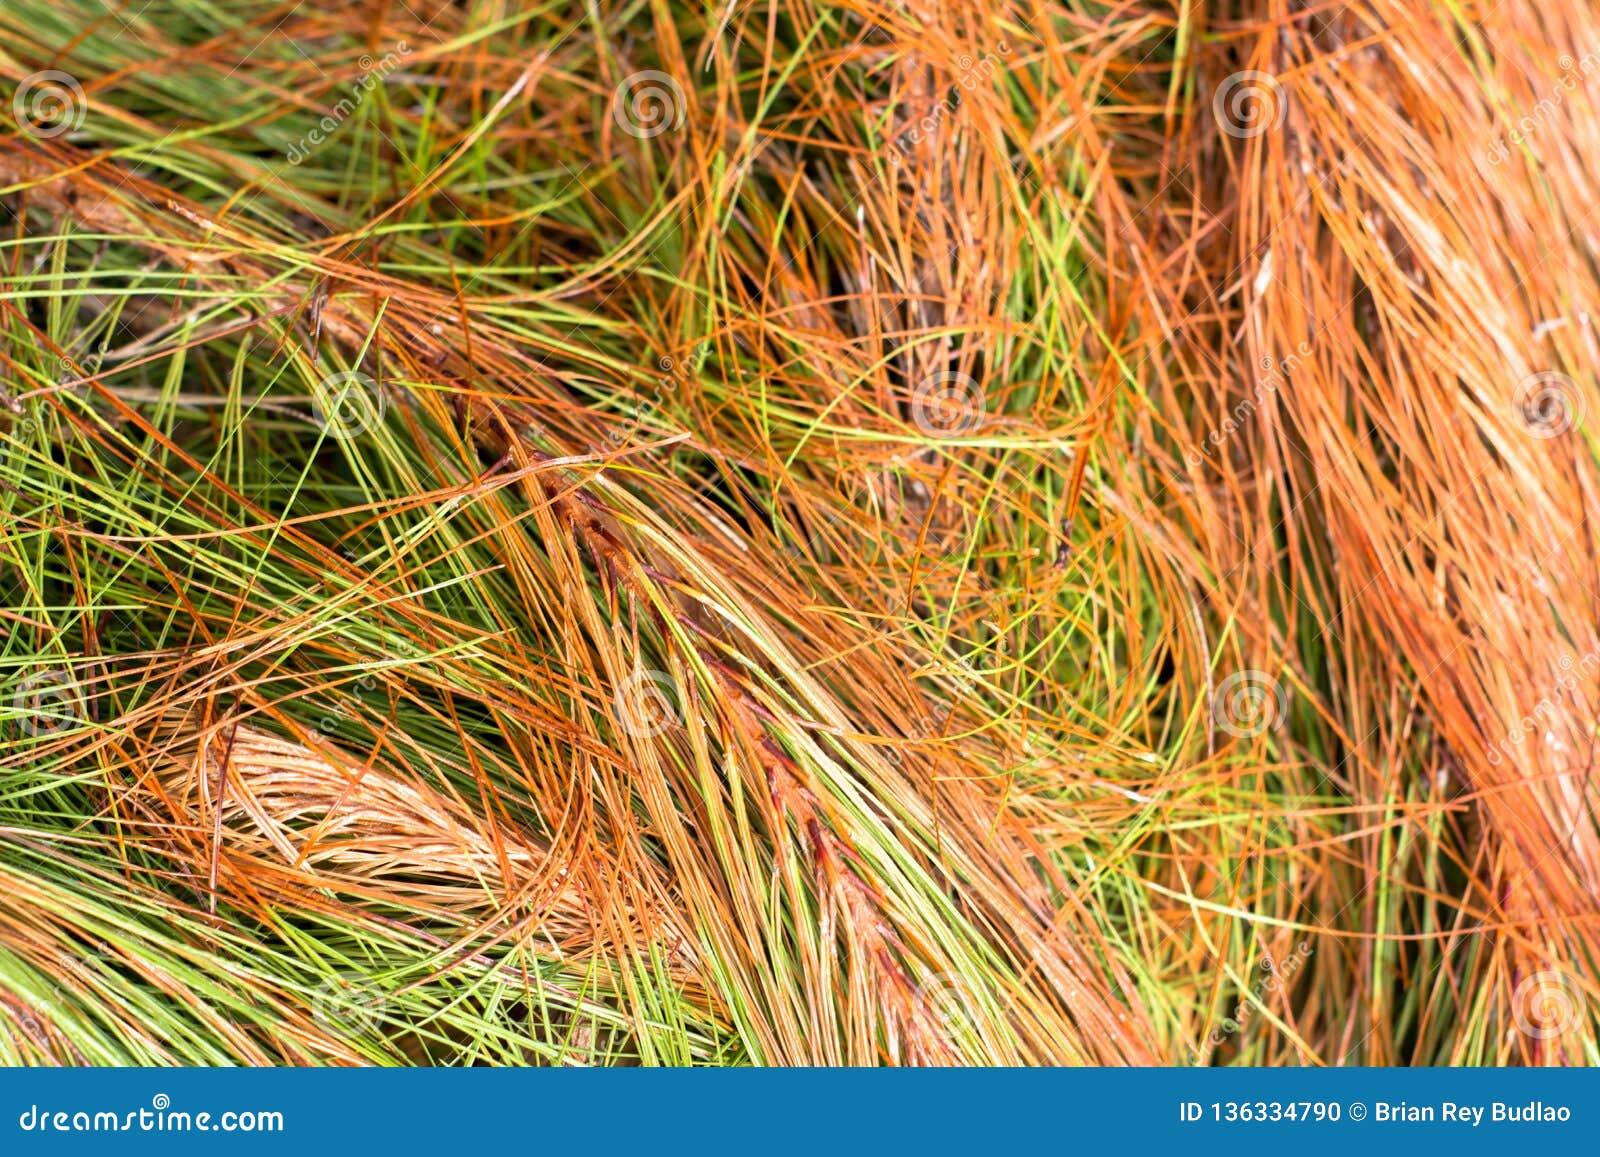 Buntes wildes Gras im Berg